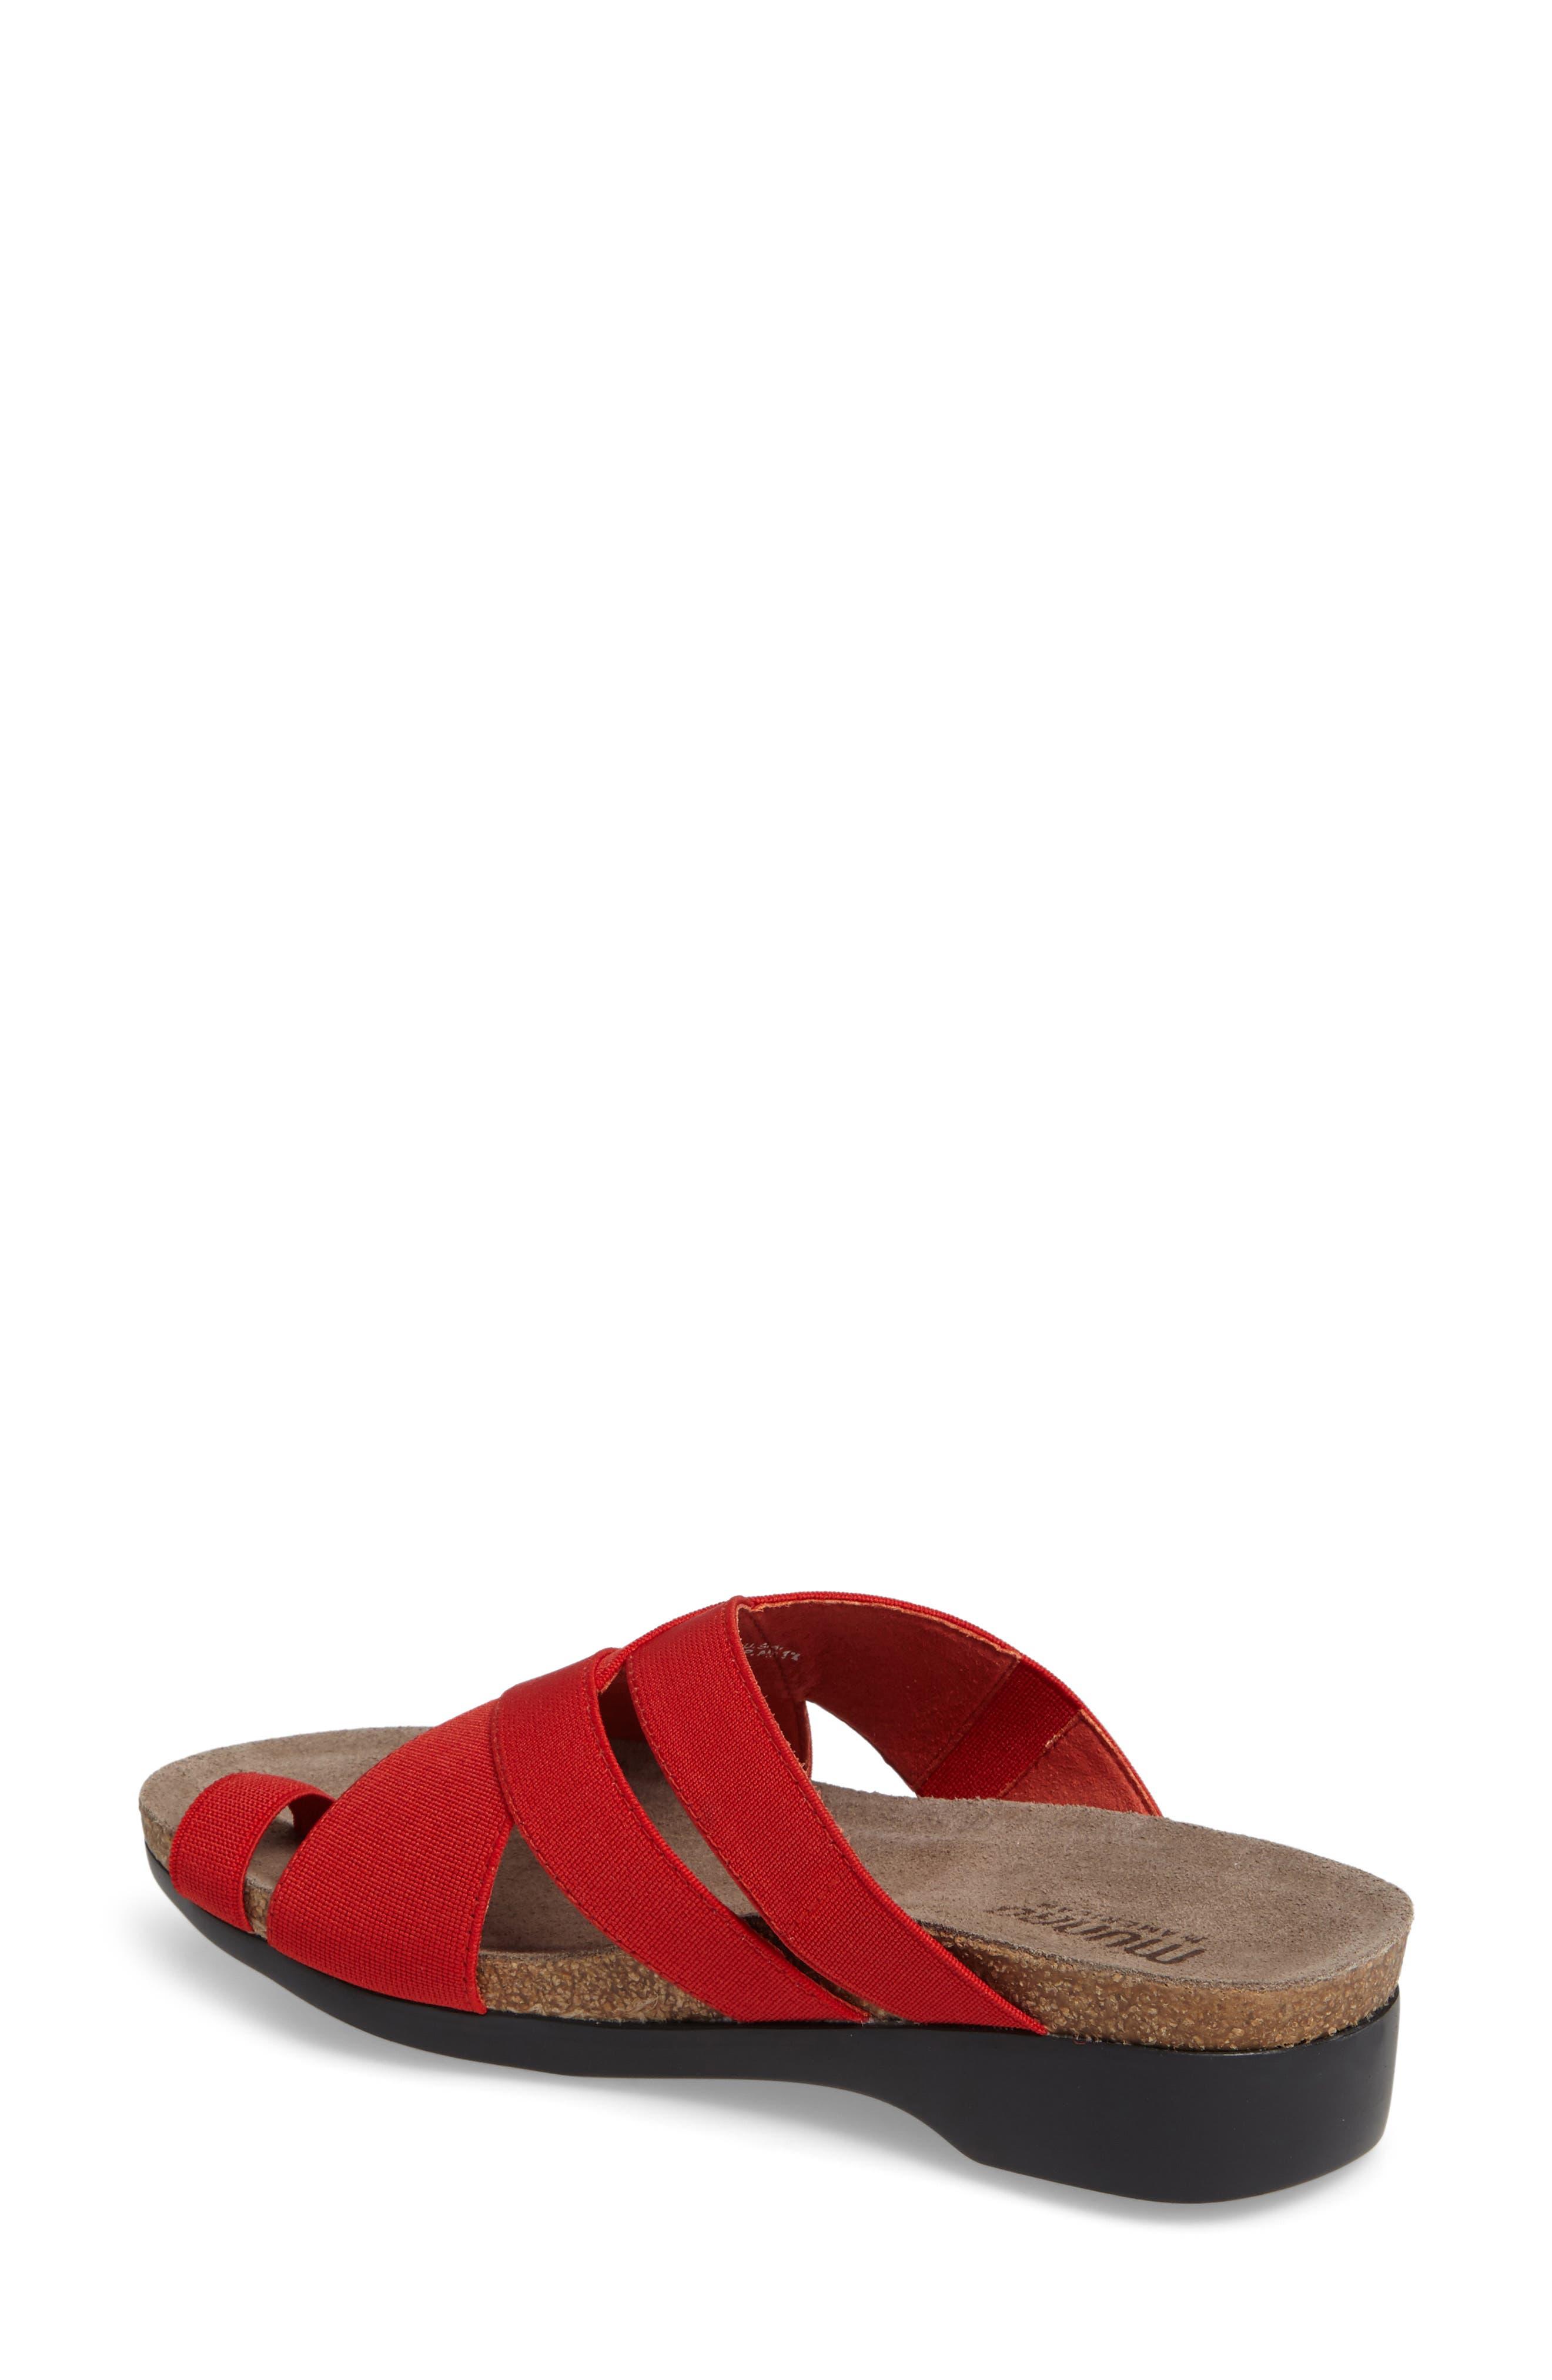 Delphi Slide Sandal,                             Alternate thumbnail 8, color,